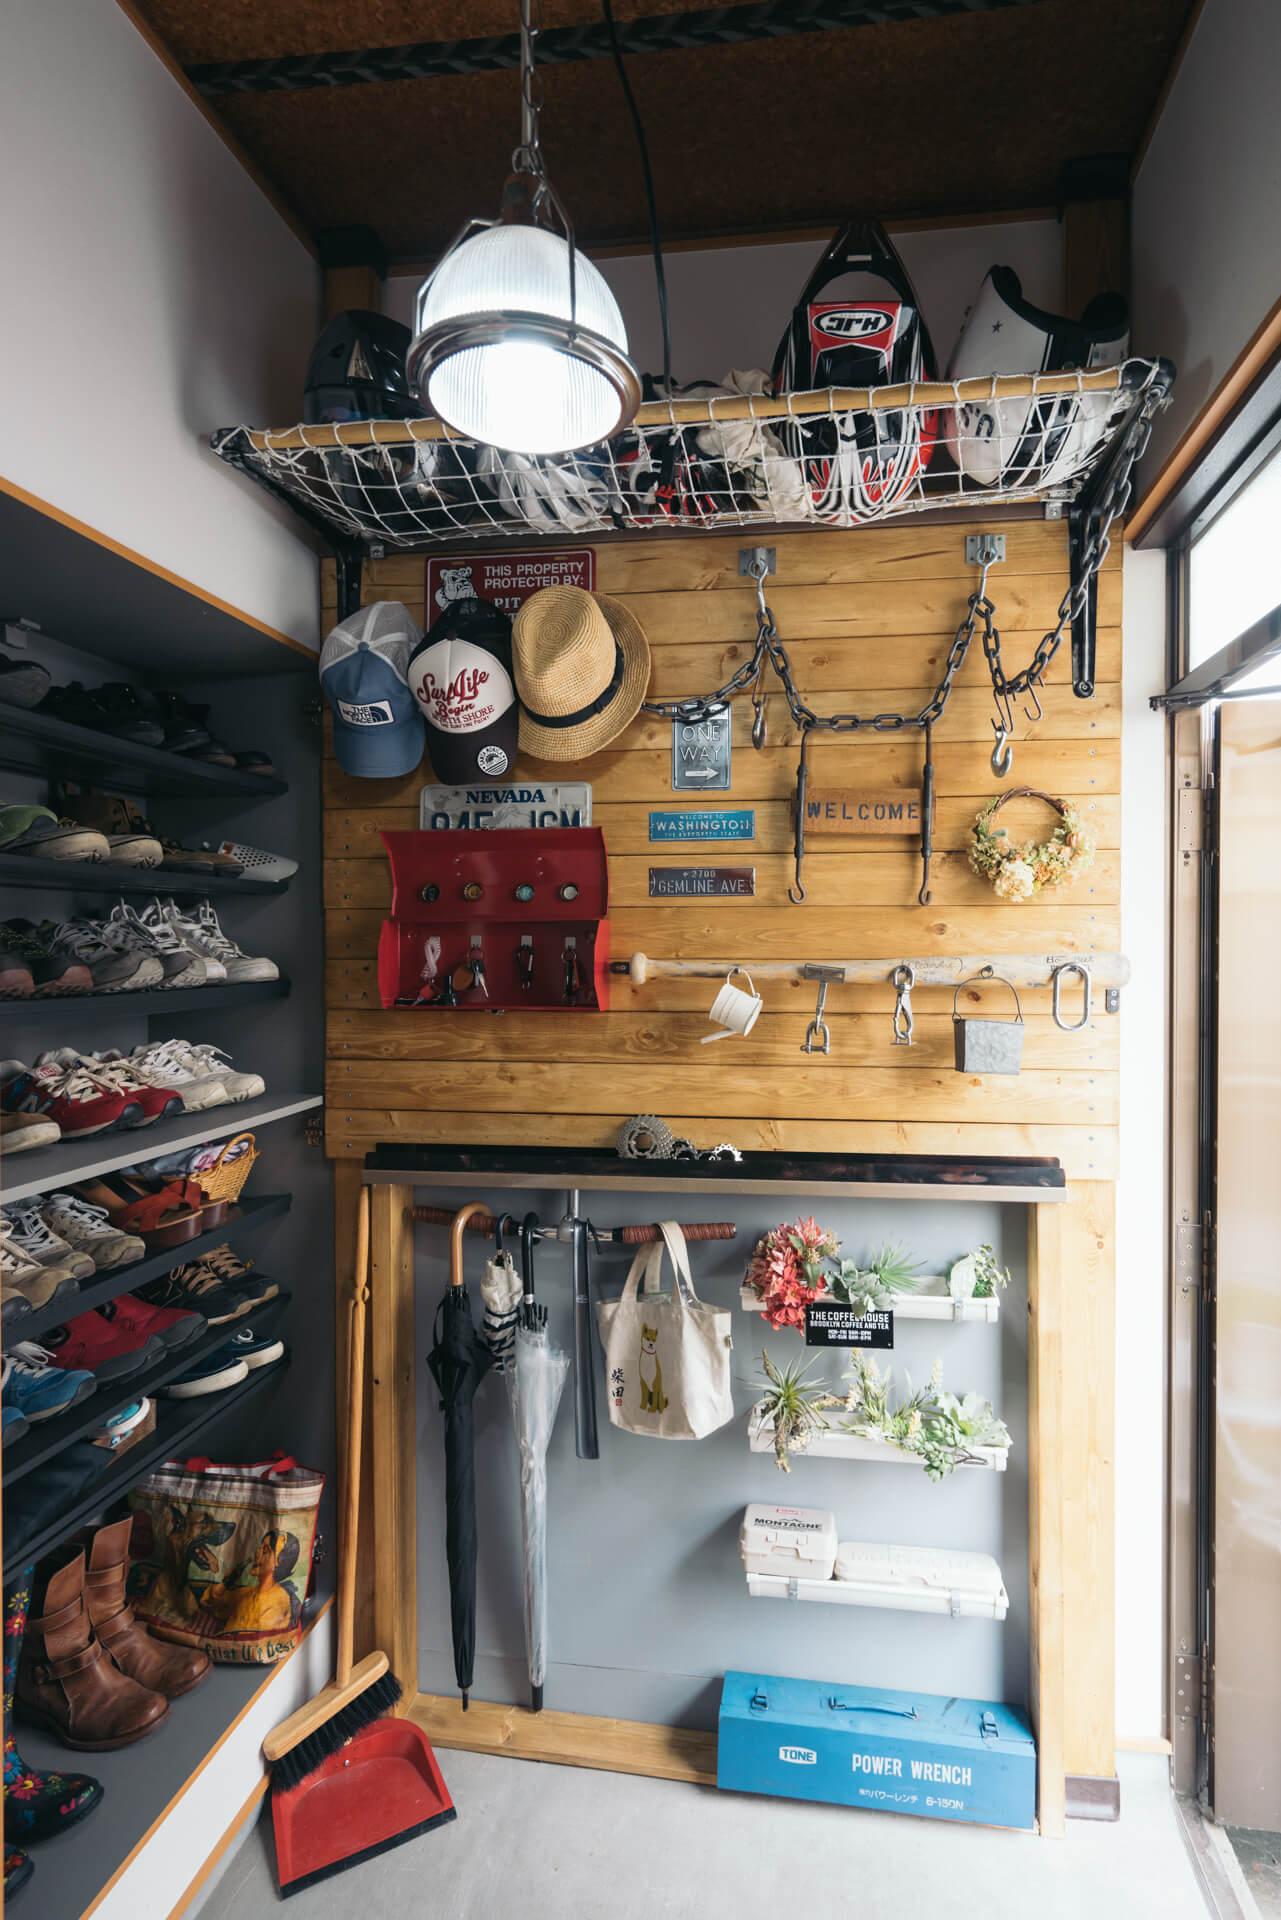 玄関にもお手製の板壁。よく見ると自転車のハンドル部分やバットが使われ、遊び心が。